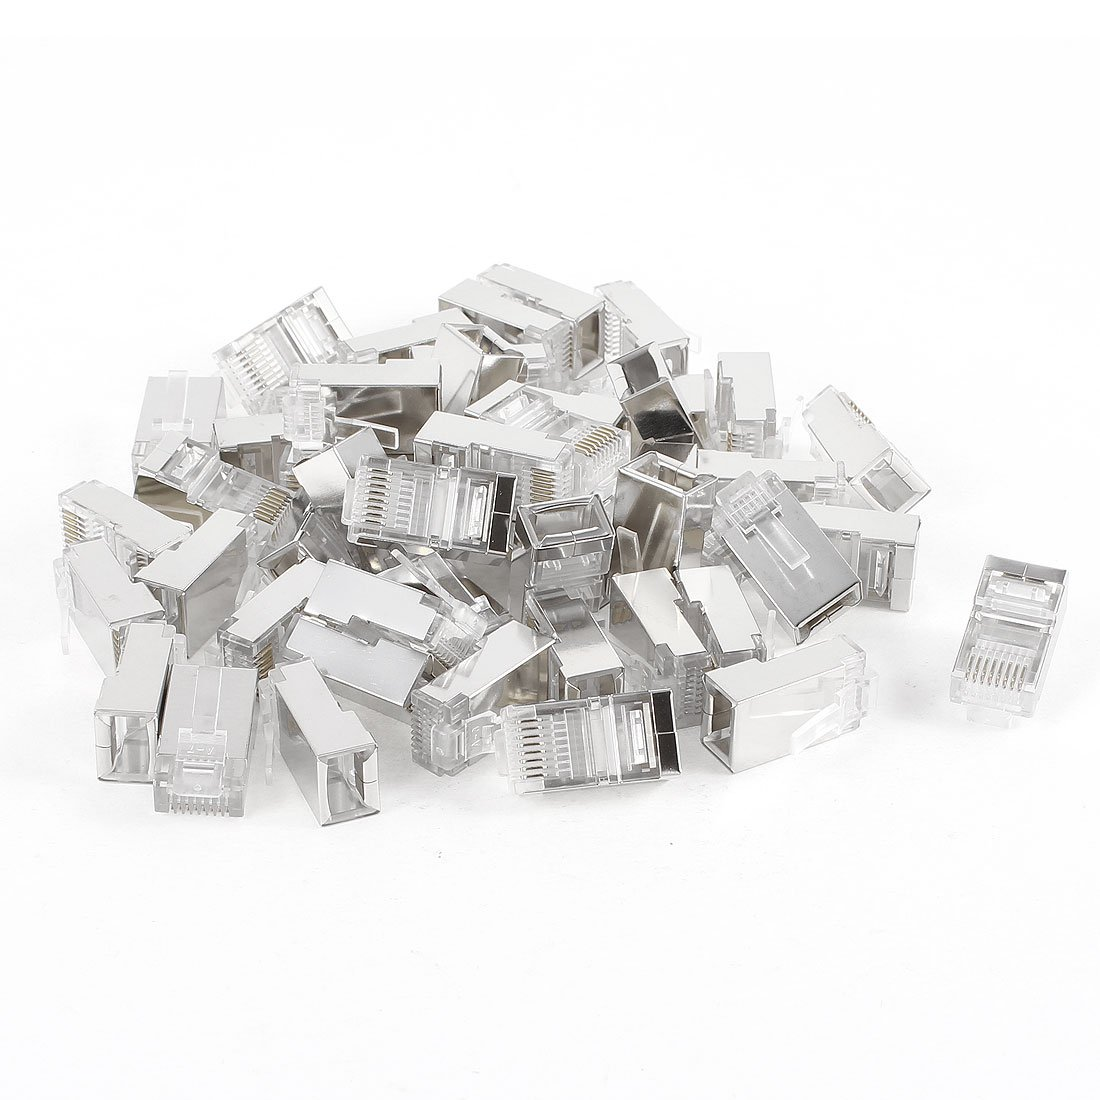 50 pcs silver tone shielded rj45 8p8c network cable cat5 end plug [ 1100 x 1100 Pixel ]